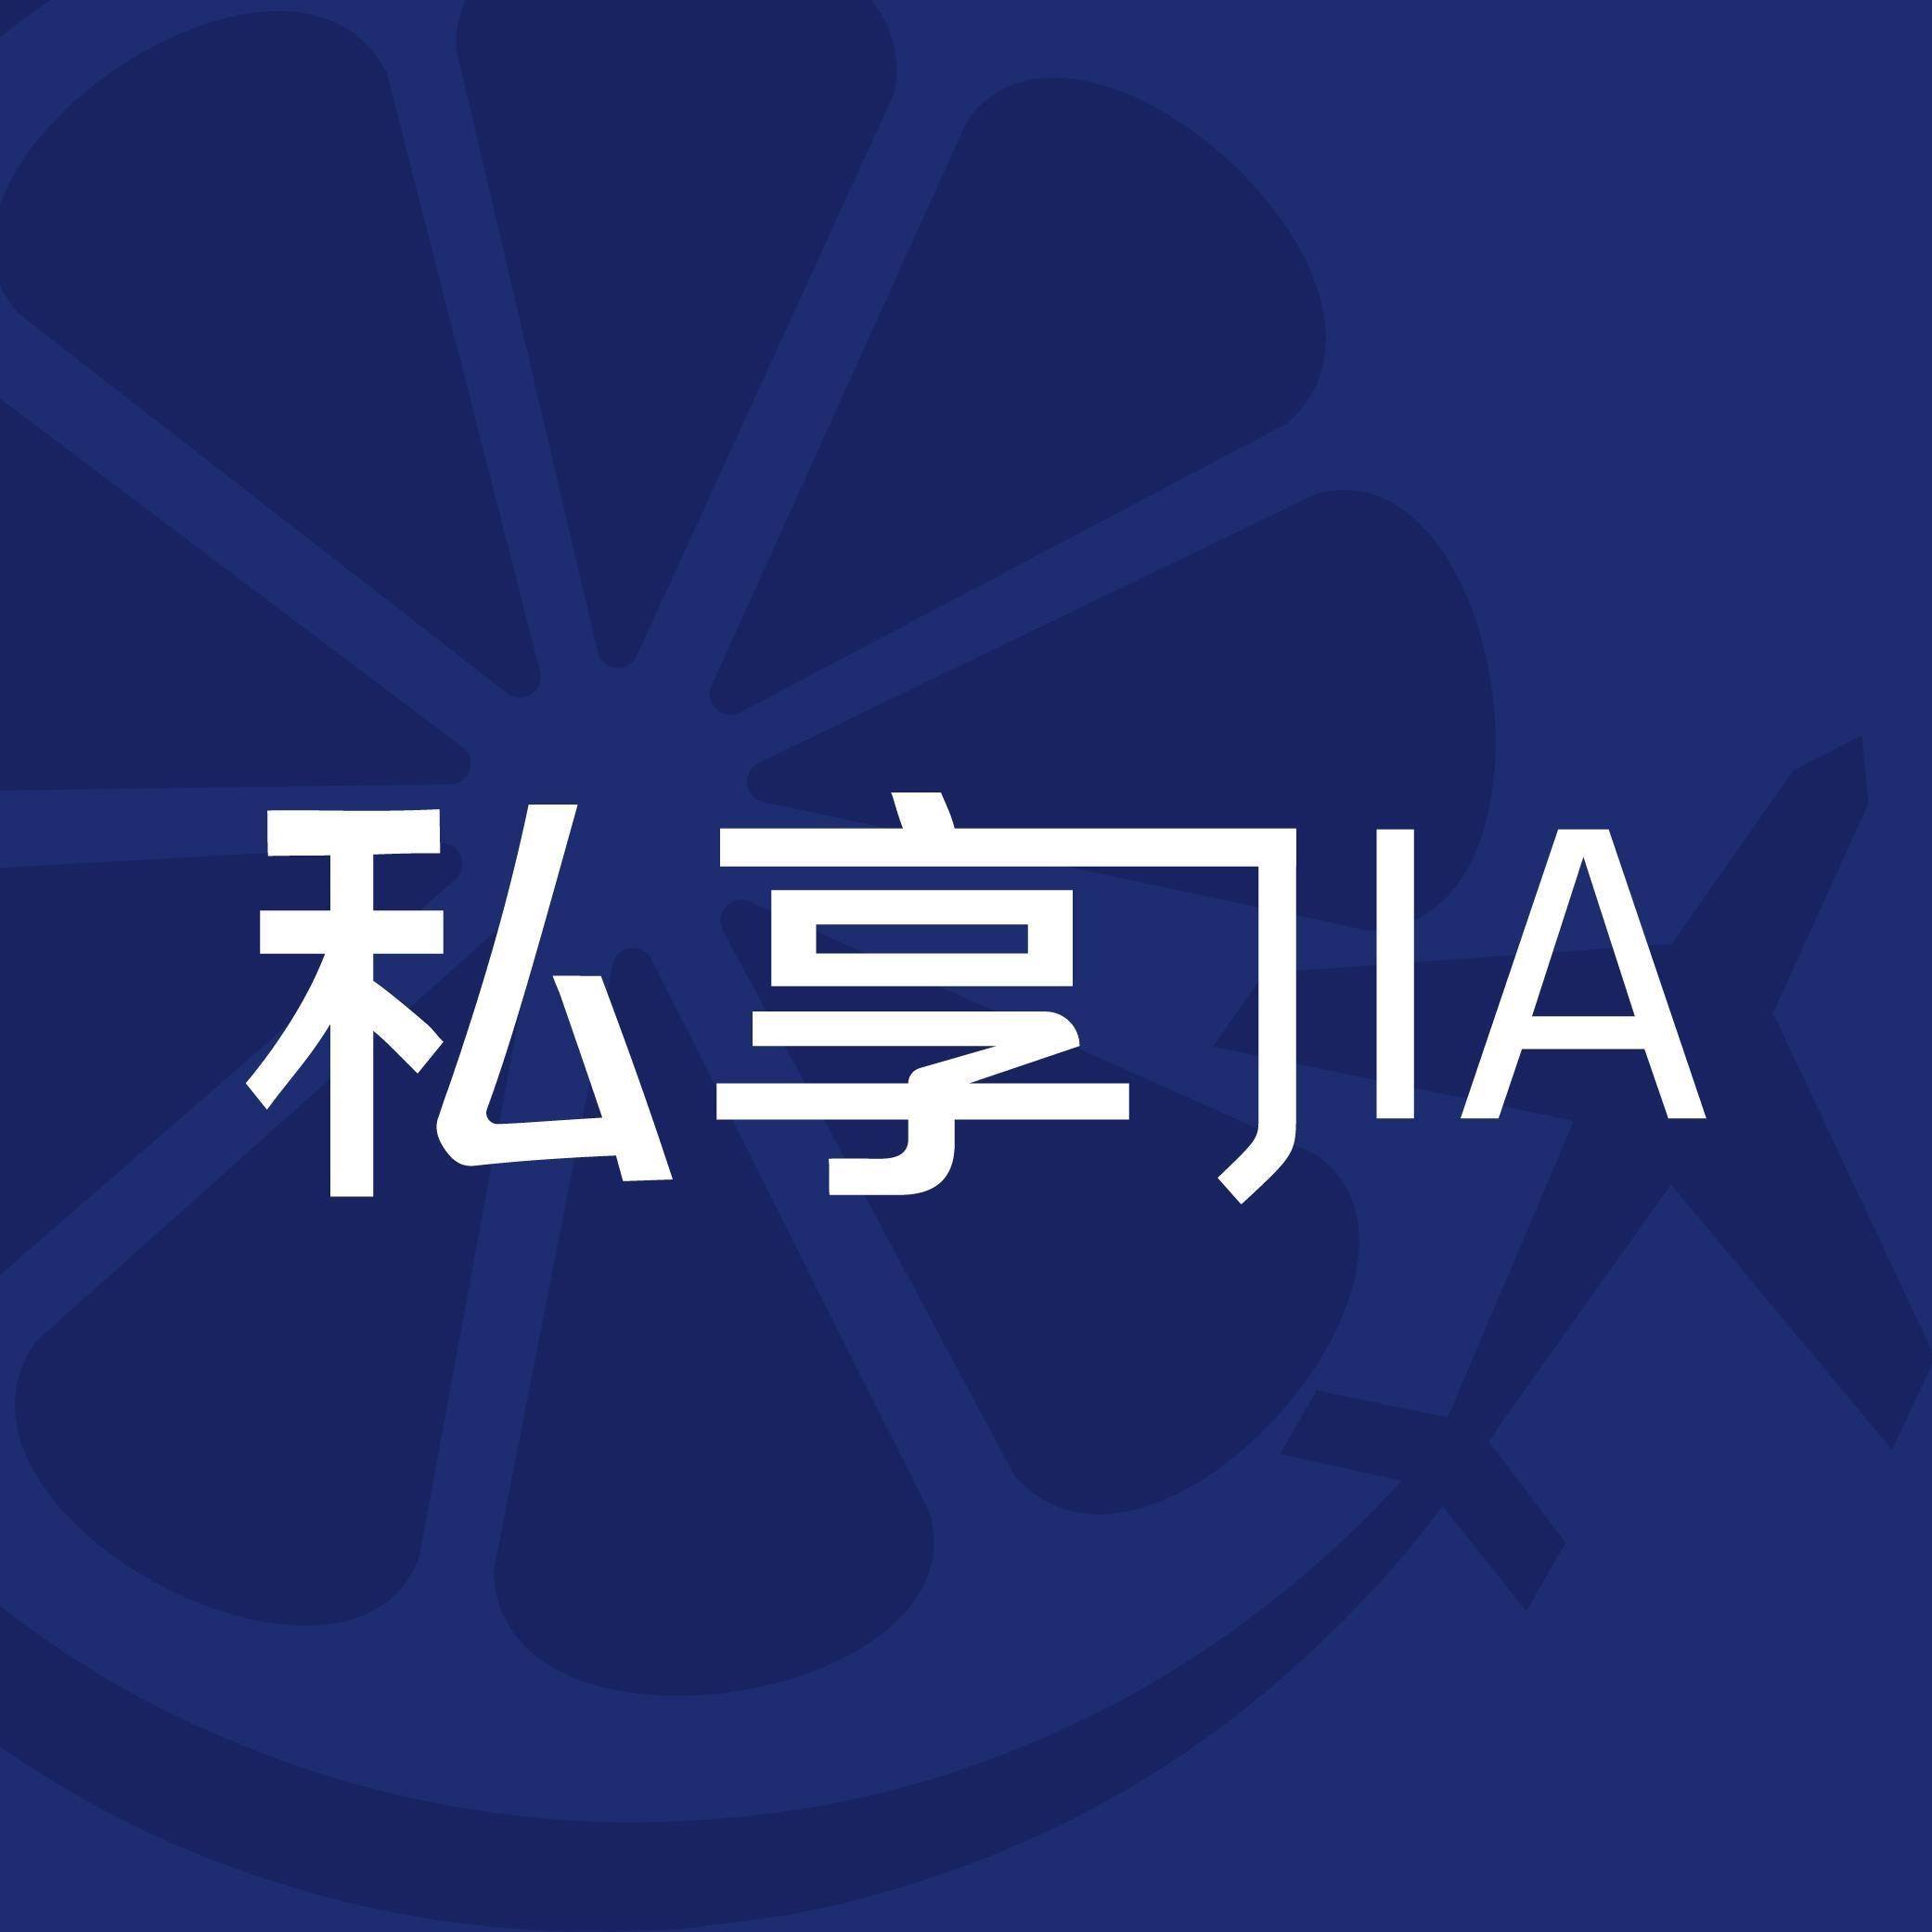 推广策划招聘-上海欢旅金融信息服务有限公司招聘图片